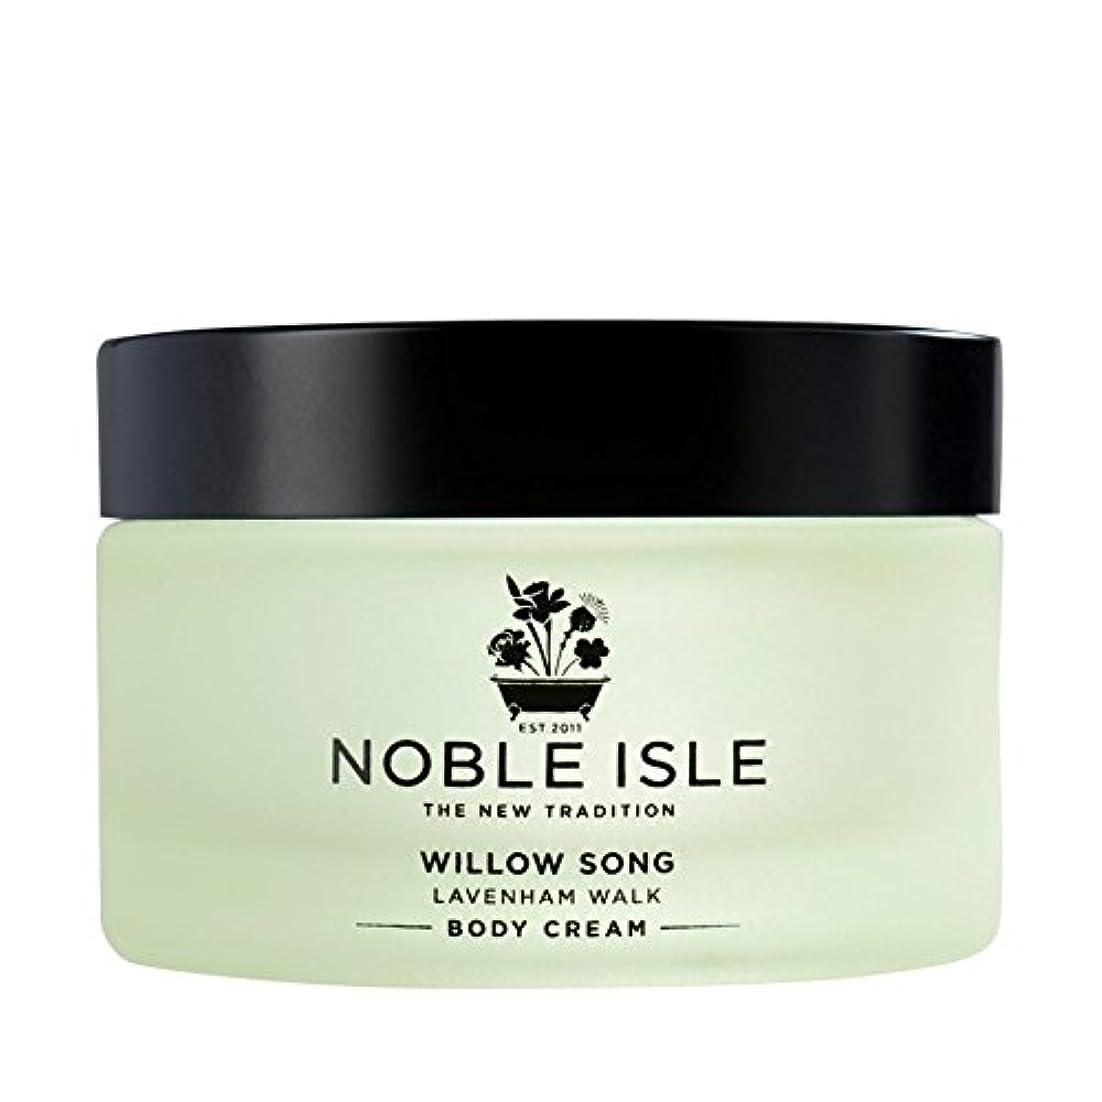 アンペアギャンブルアクティビティ高貴な島柳の歌ラヴァンハム徒歩ボディクリーム170ミリリットル x2 - Noble Isle Willow Song Lavenham Walk Body Cream 170ml (Pack of 2) [並行輸入品]